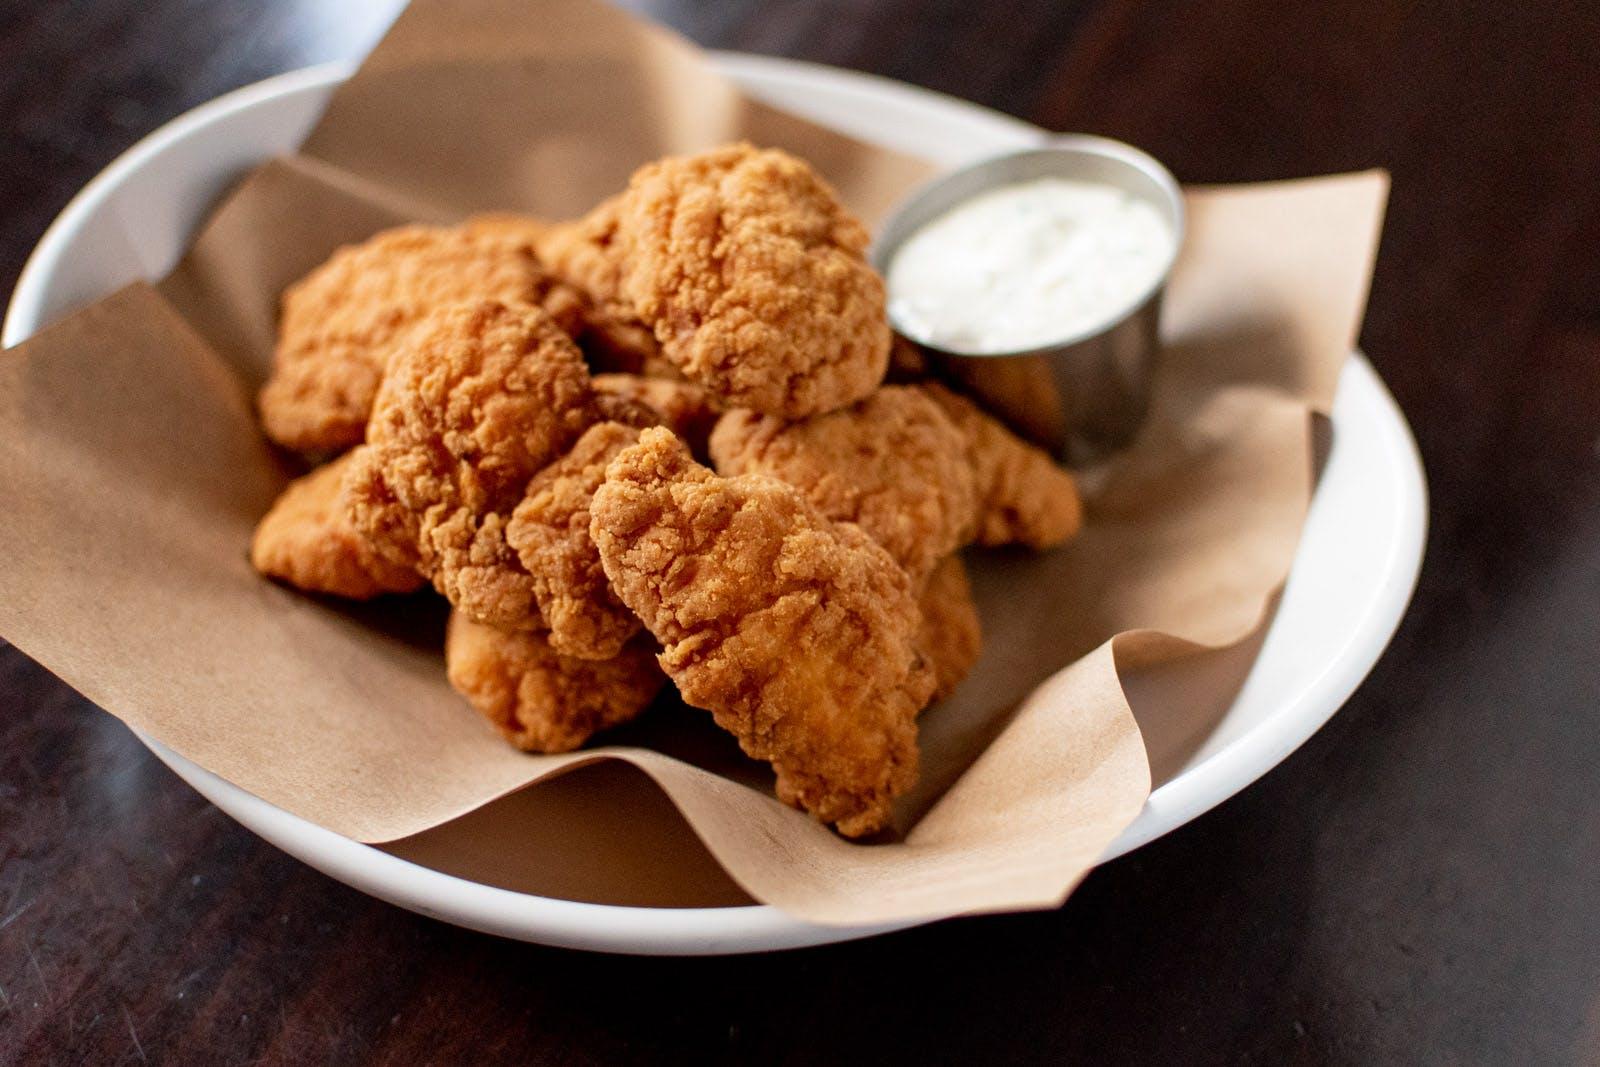 4lb Boneless Wings (Dairy-Free) from Midcoast Wings - University Ave in Cedar Falls, IA